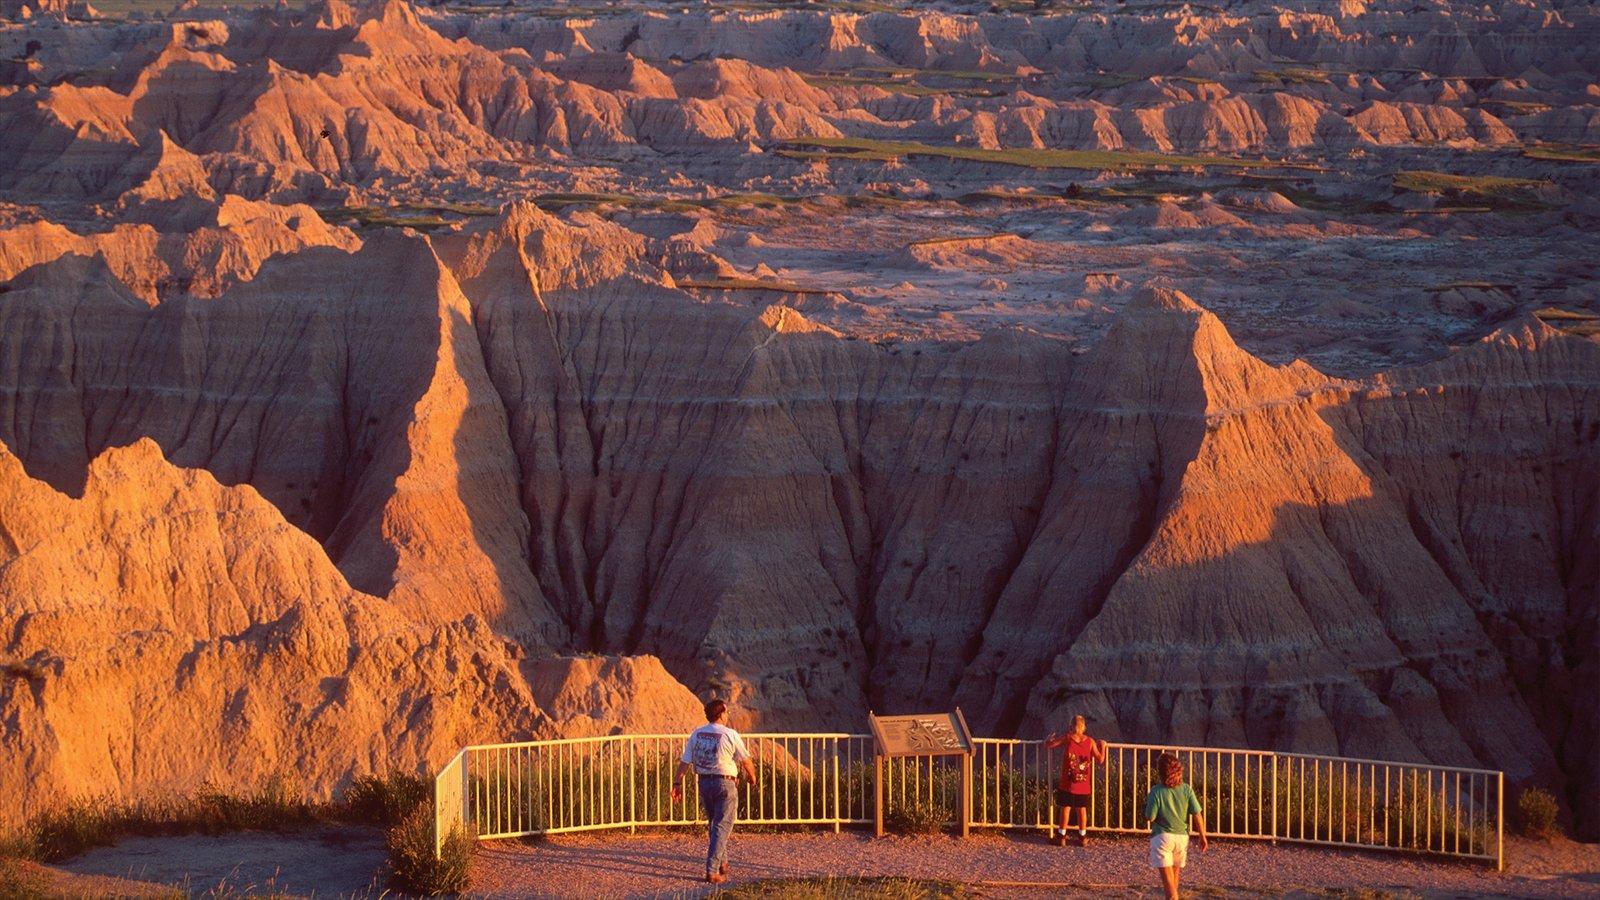 Rapid City mostrando um desfiladeiro ou canyon e paisagens assim como uma família